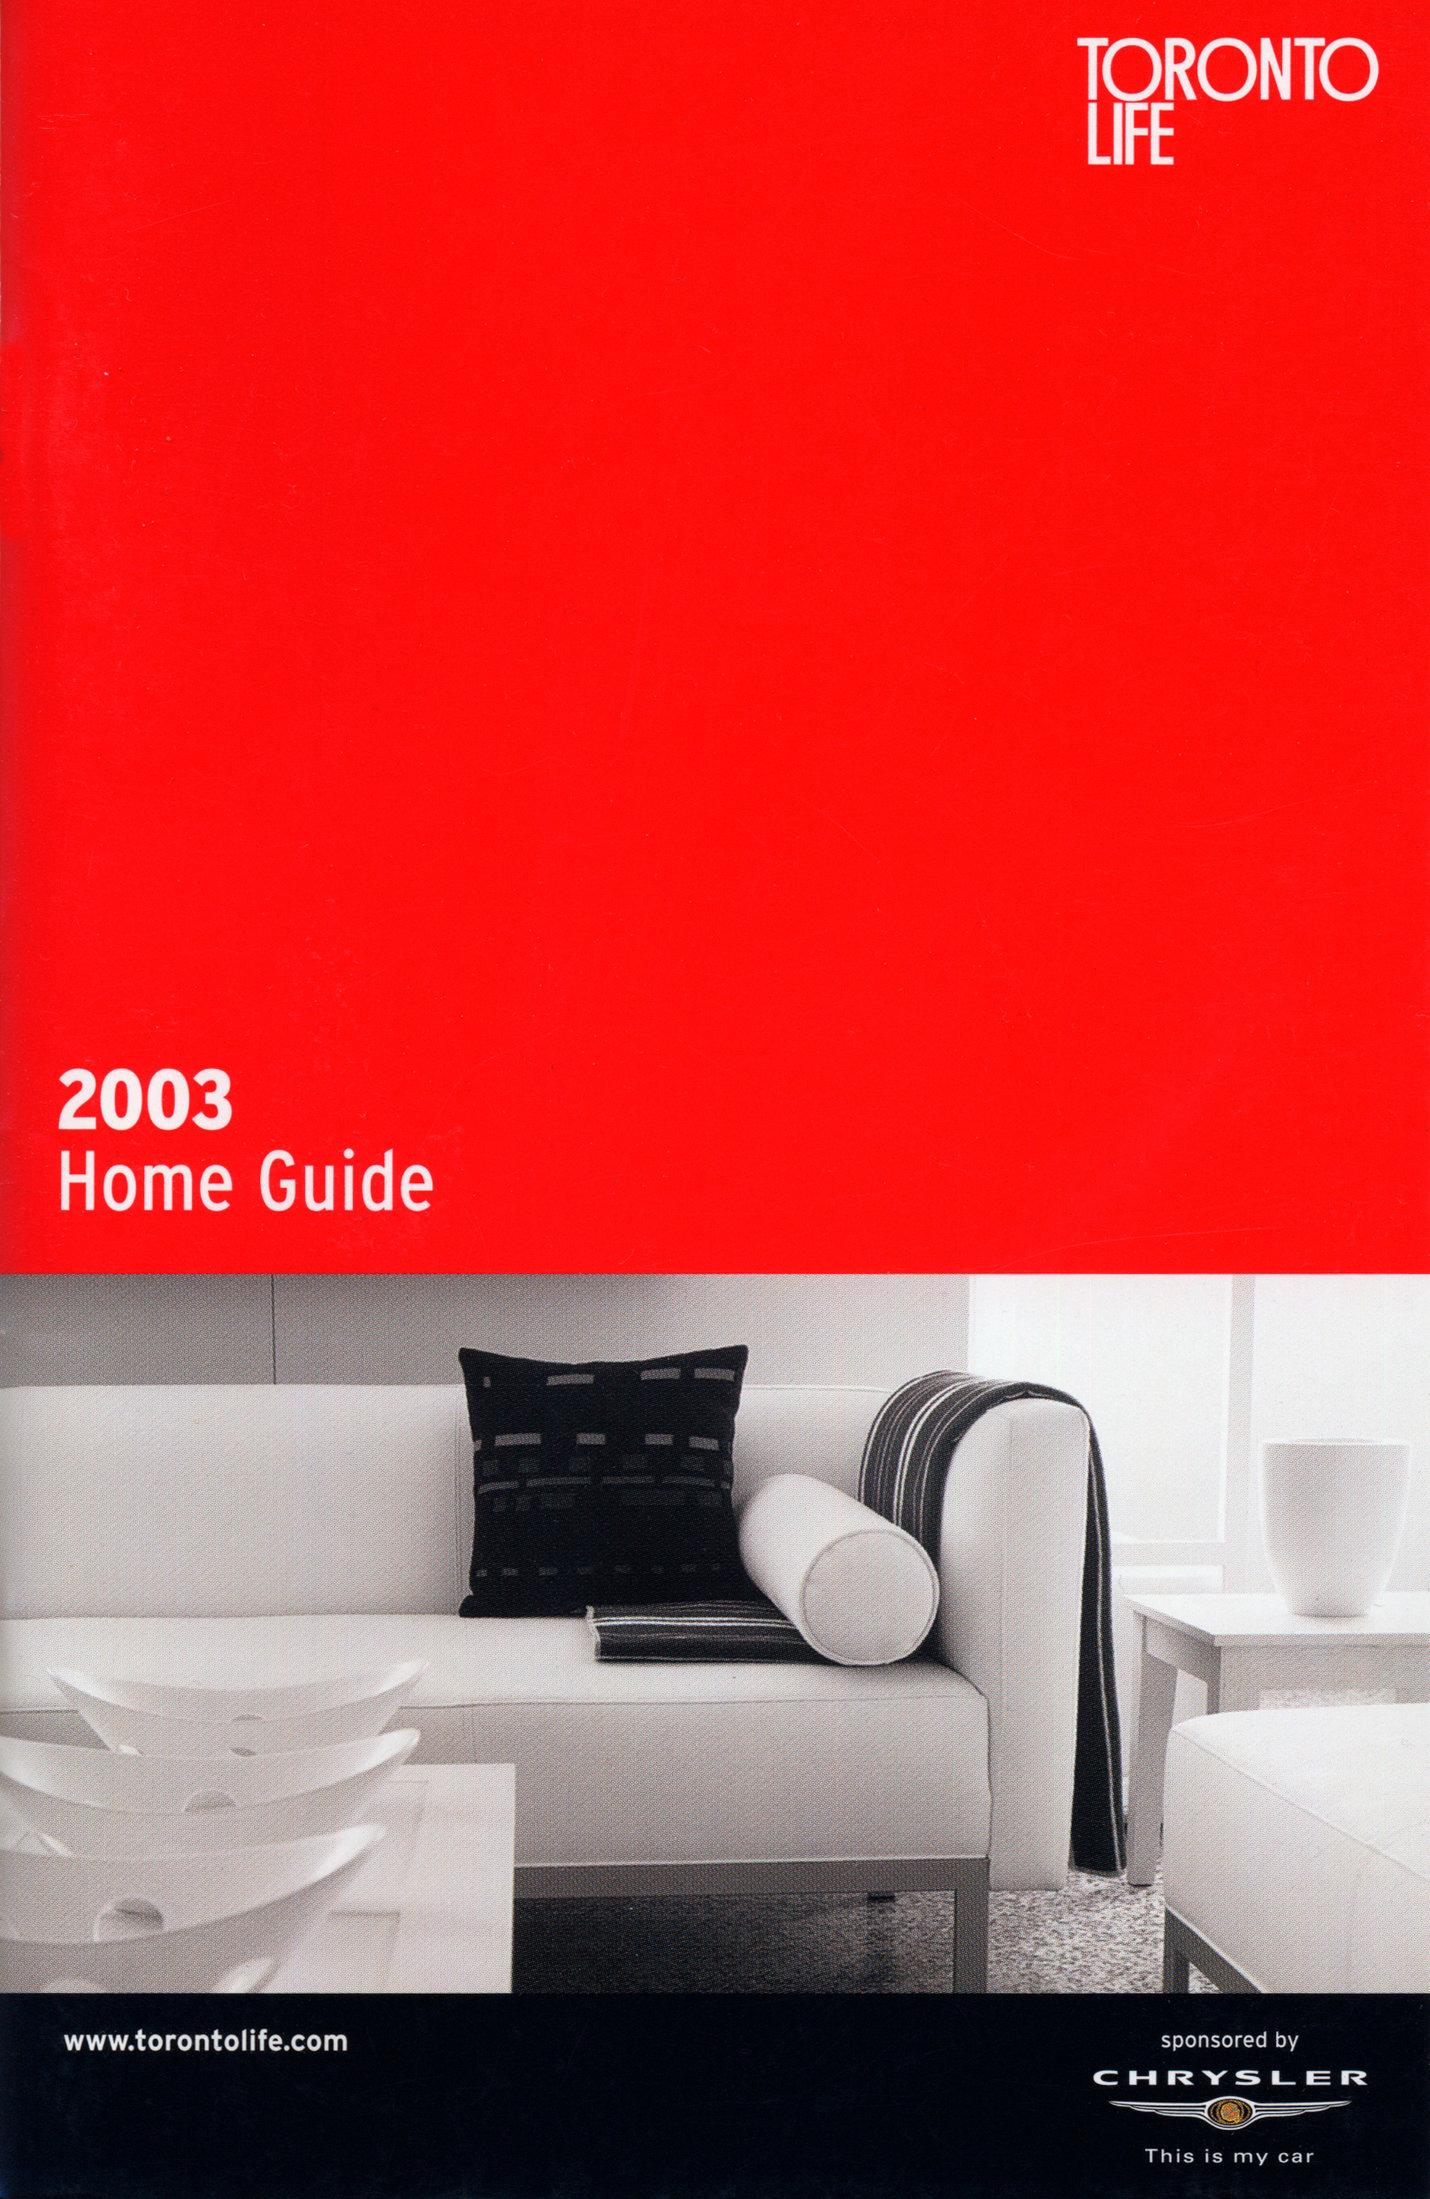 Toronto Life Home Guide